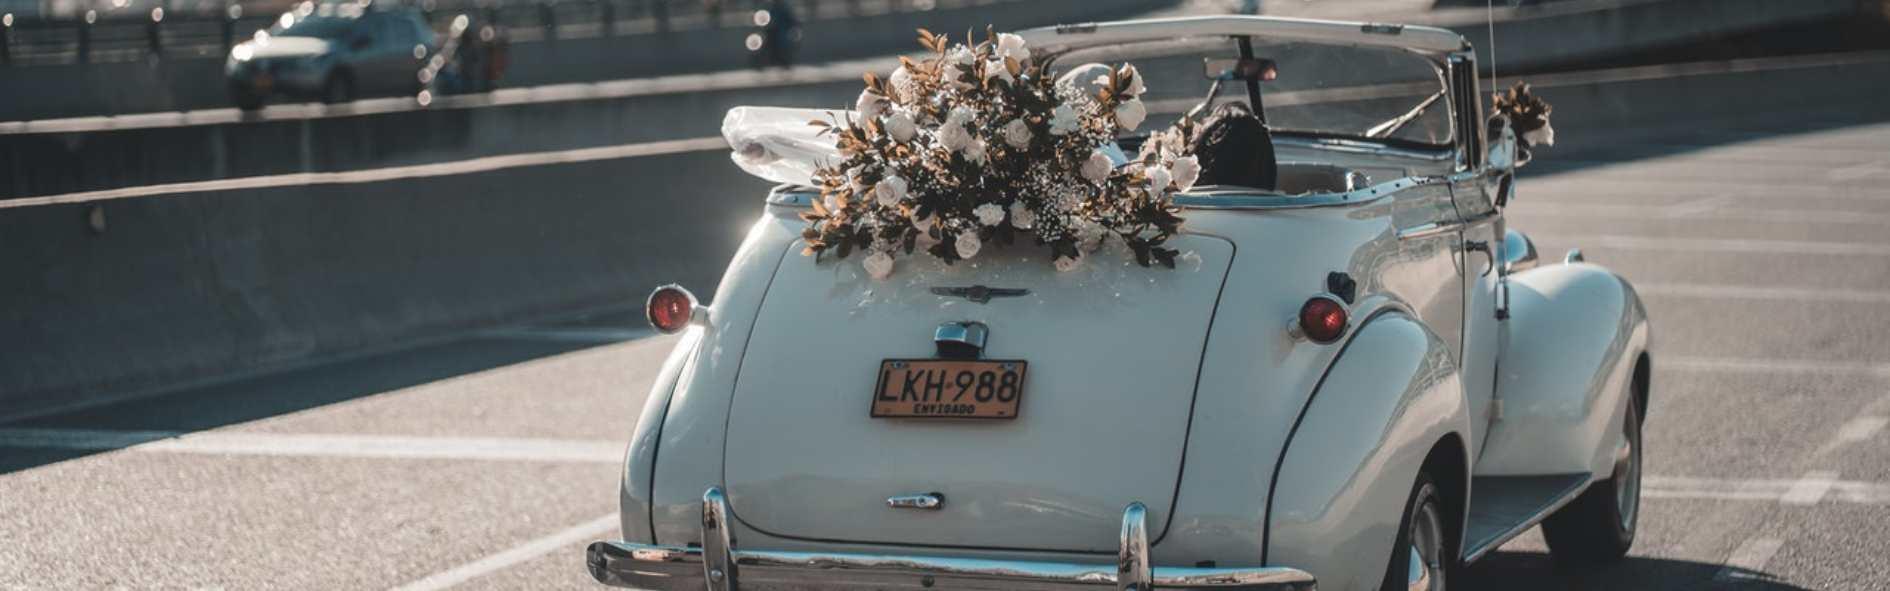 Descubre las bodas temáticas y cómo organizar una